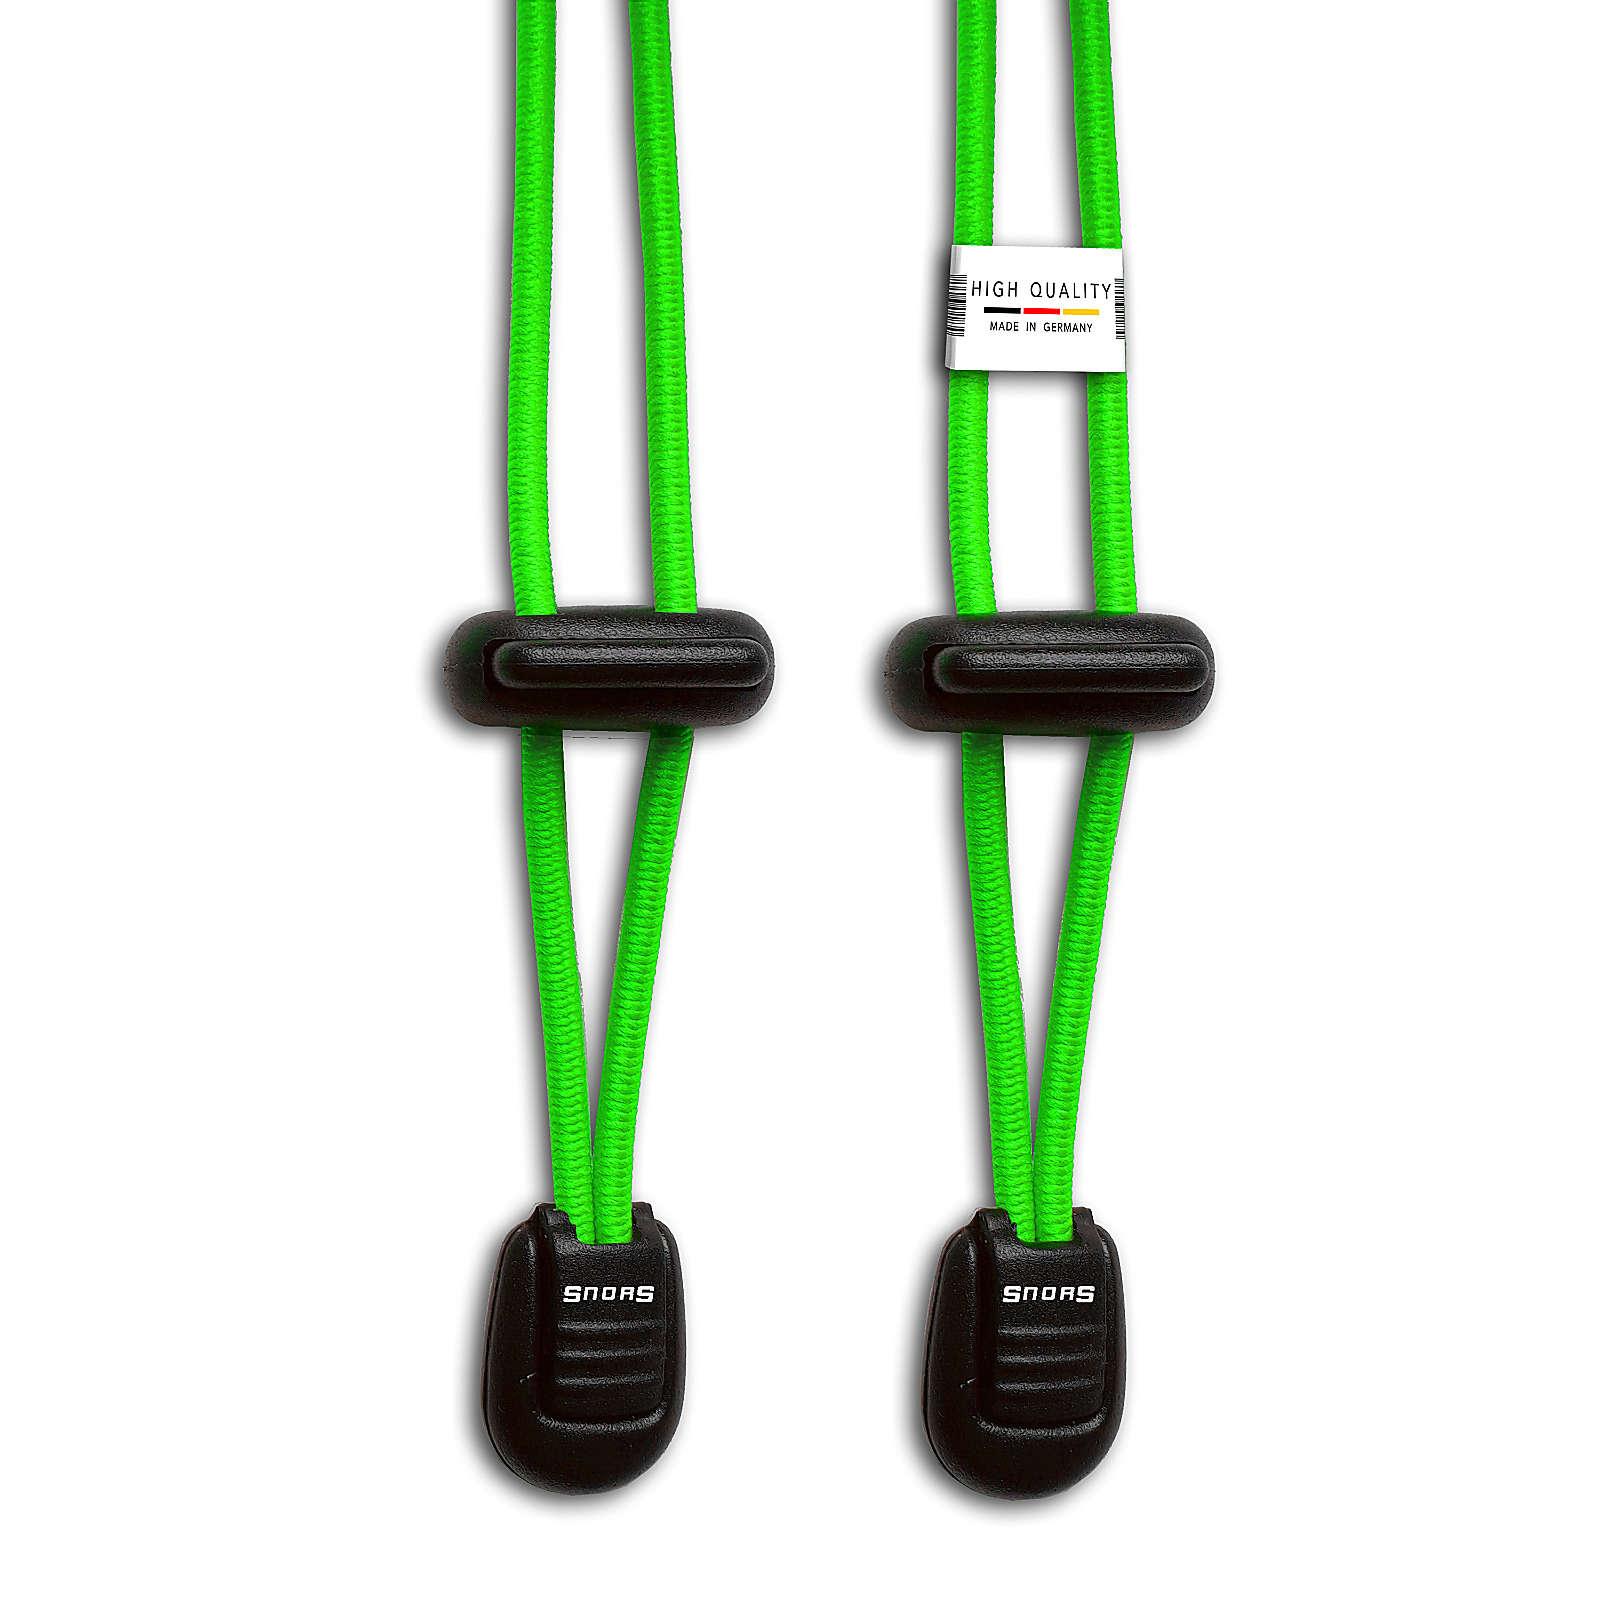 SNORS shoefriends Schnürsystem 120cm - elastische Schnürsenkel mit Schnellverschluss Schnürsenkel neongrün Gr. 120